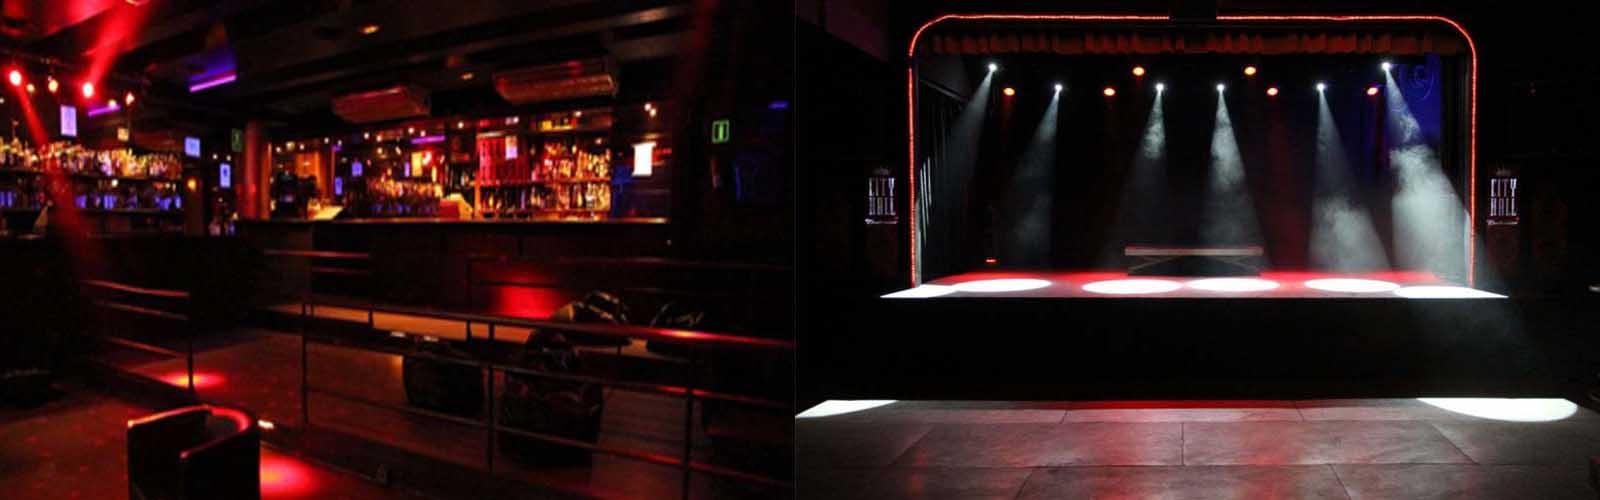 Kom naar Nachtclub Cityhall voor een onvergetelijke avond